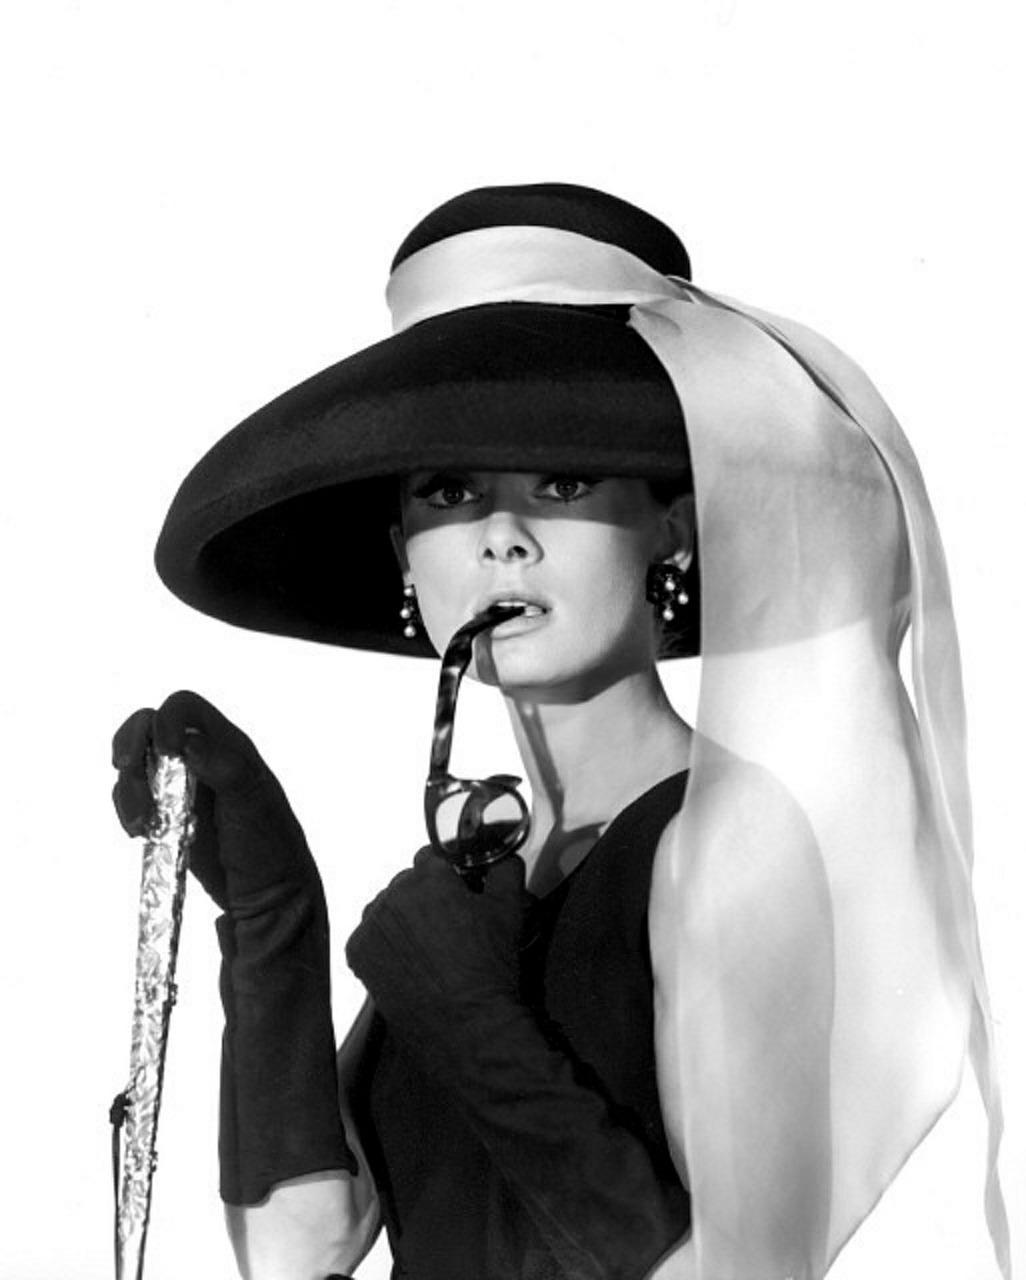 scegli autentico prezzo speciale per seleziona per originale Audrey hepburn,actress,vintage,movies,motion pictures - free ...